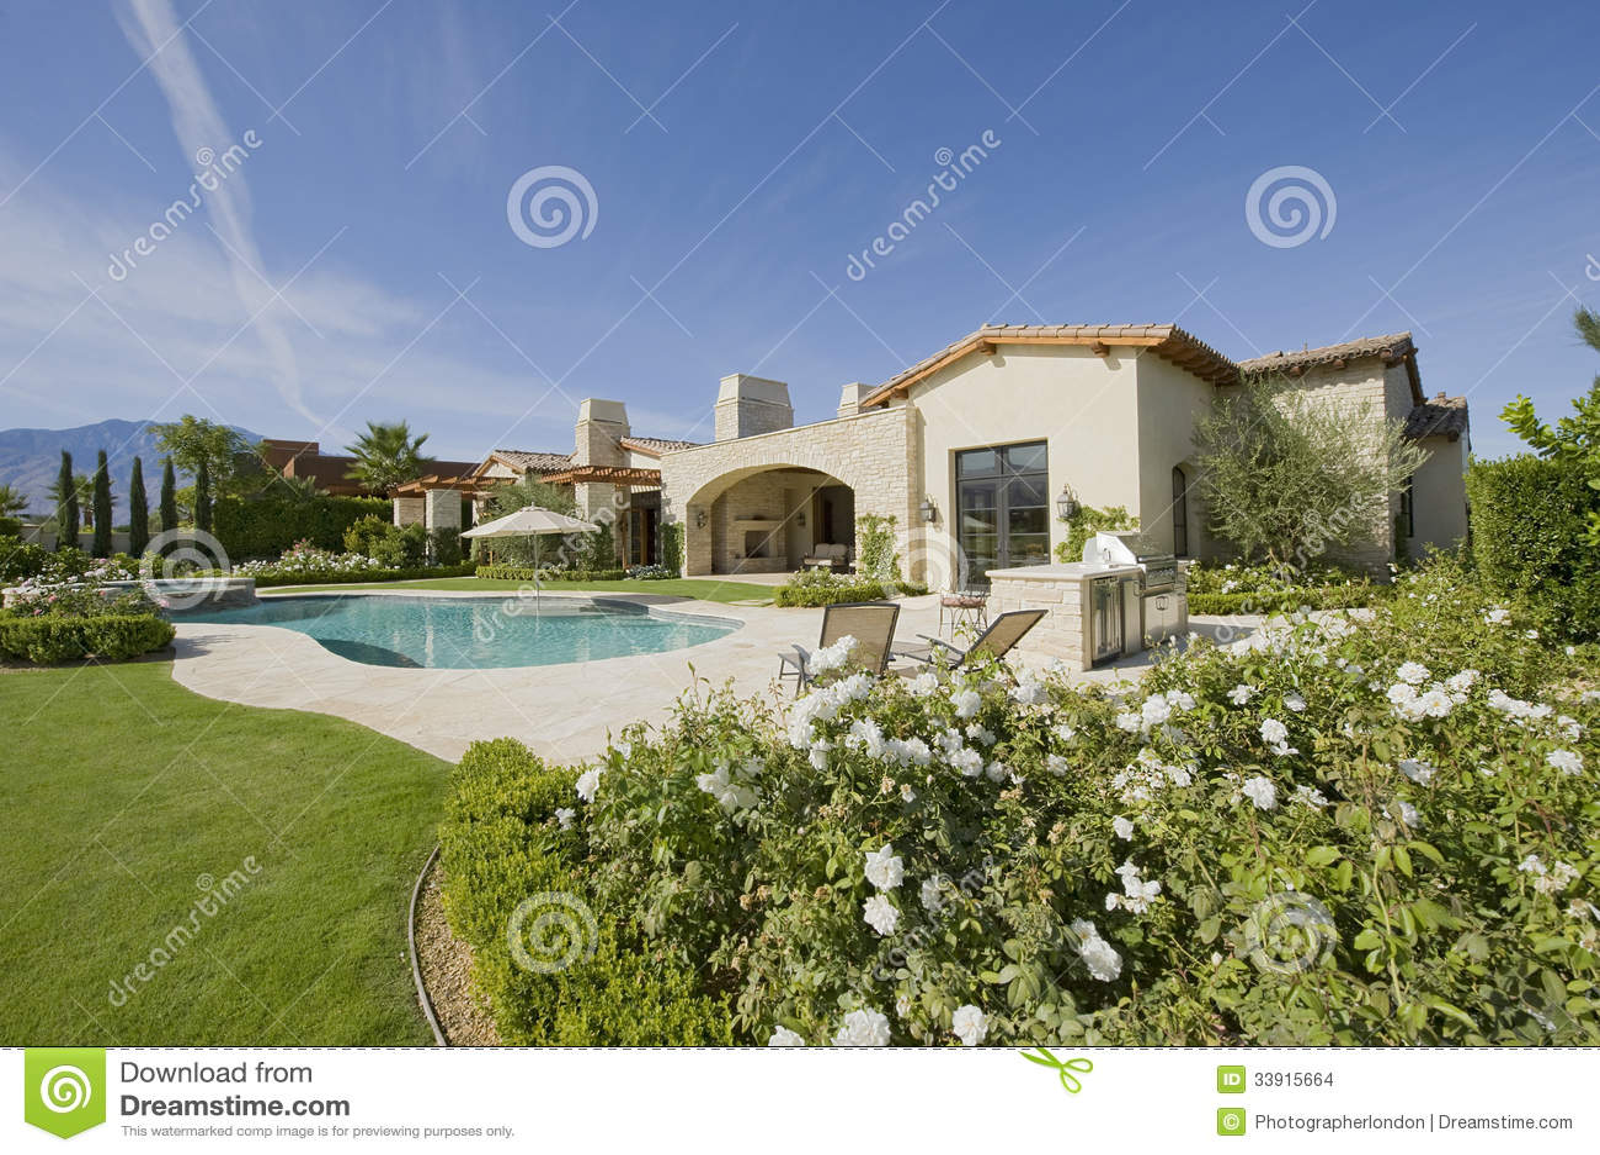 Casa exterior con la piscina y el jardín